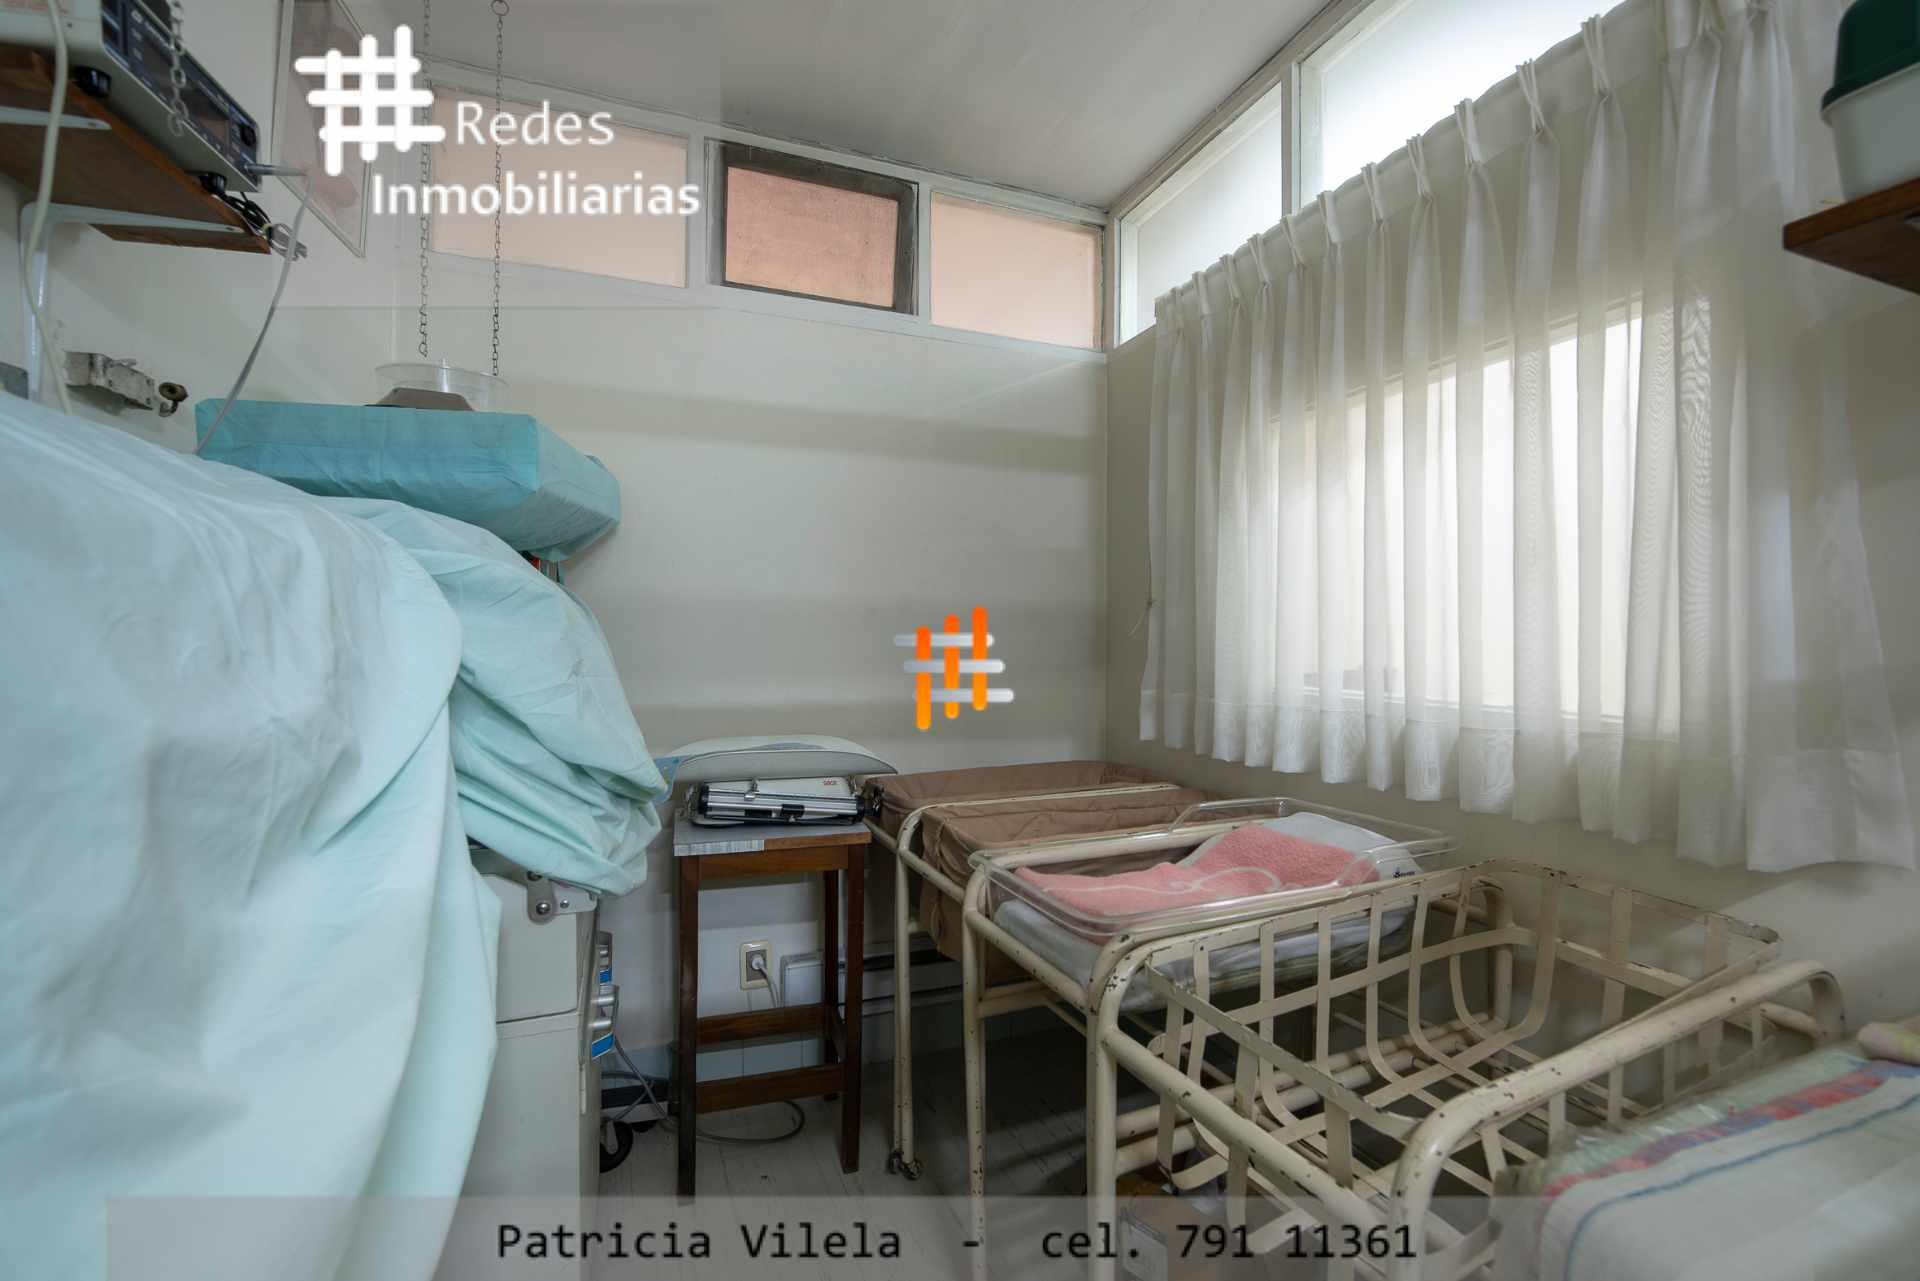 Local comercial en Venta EN VENTA CLINICA: ZONA CENTRALCON 50 AÑOS DE EXPERIENCIA INCLUYE RAZON SOCIAL Foto 7